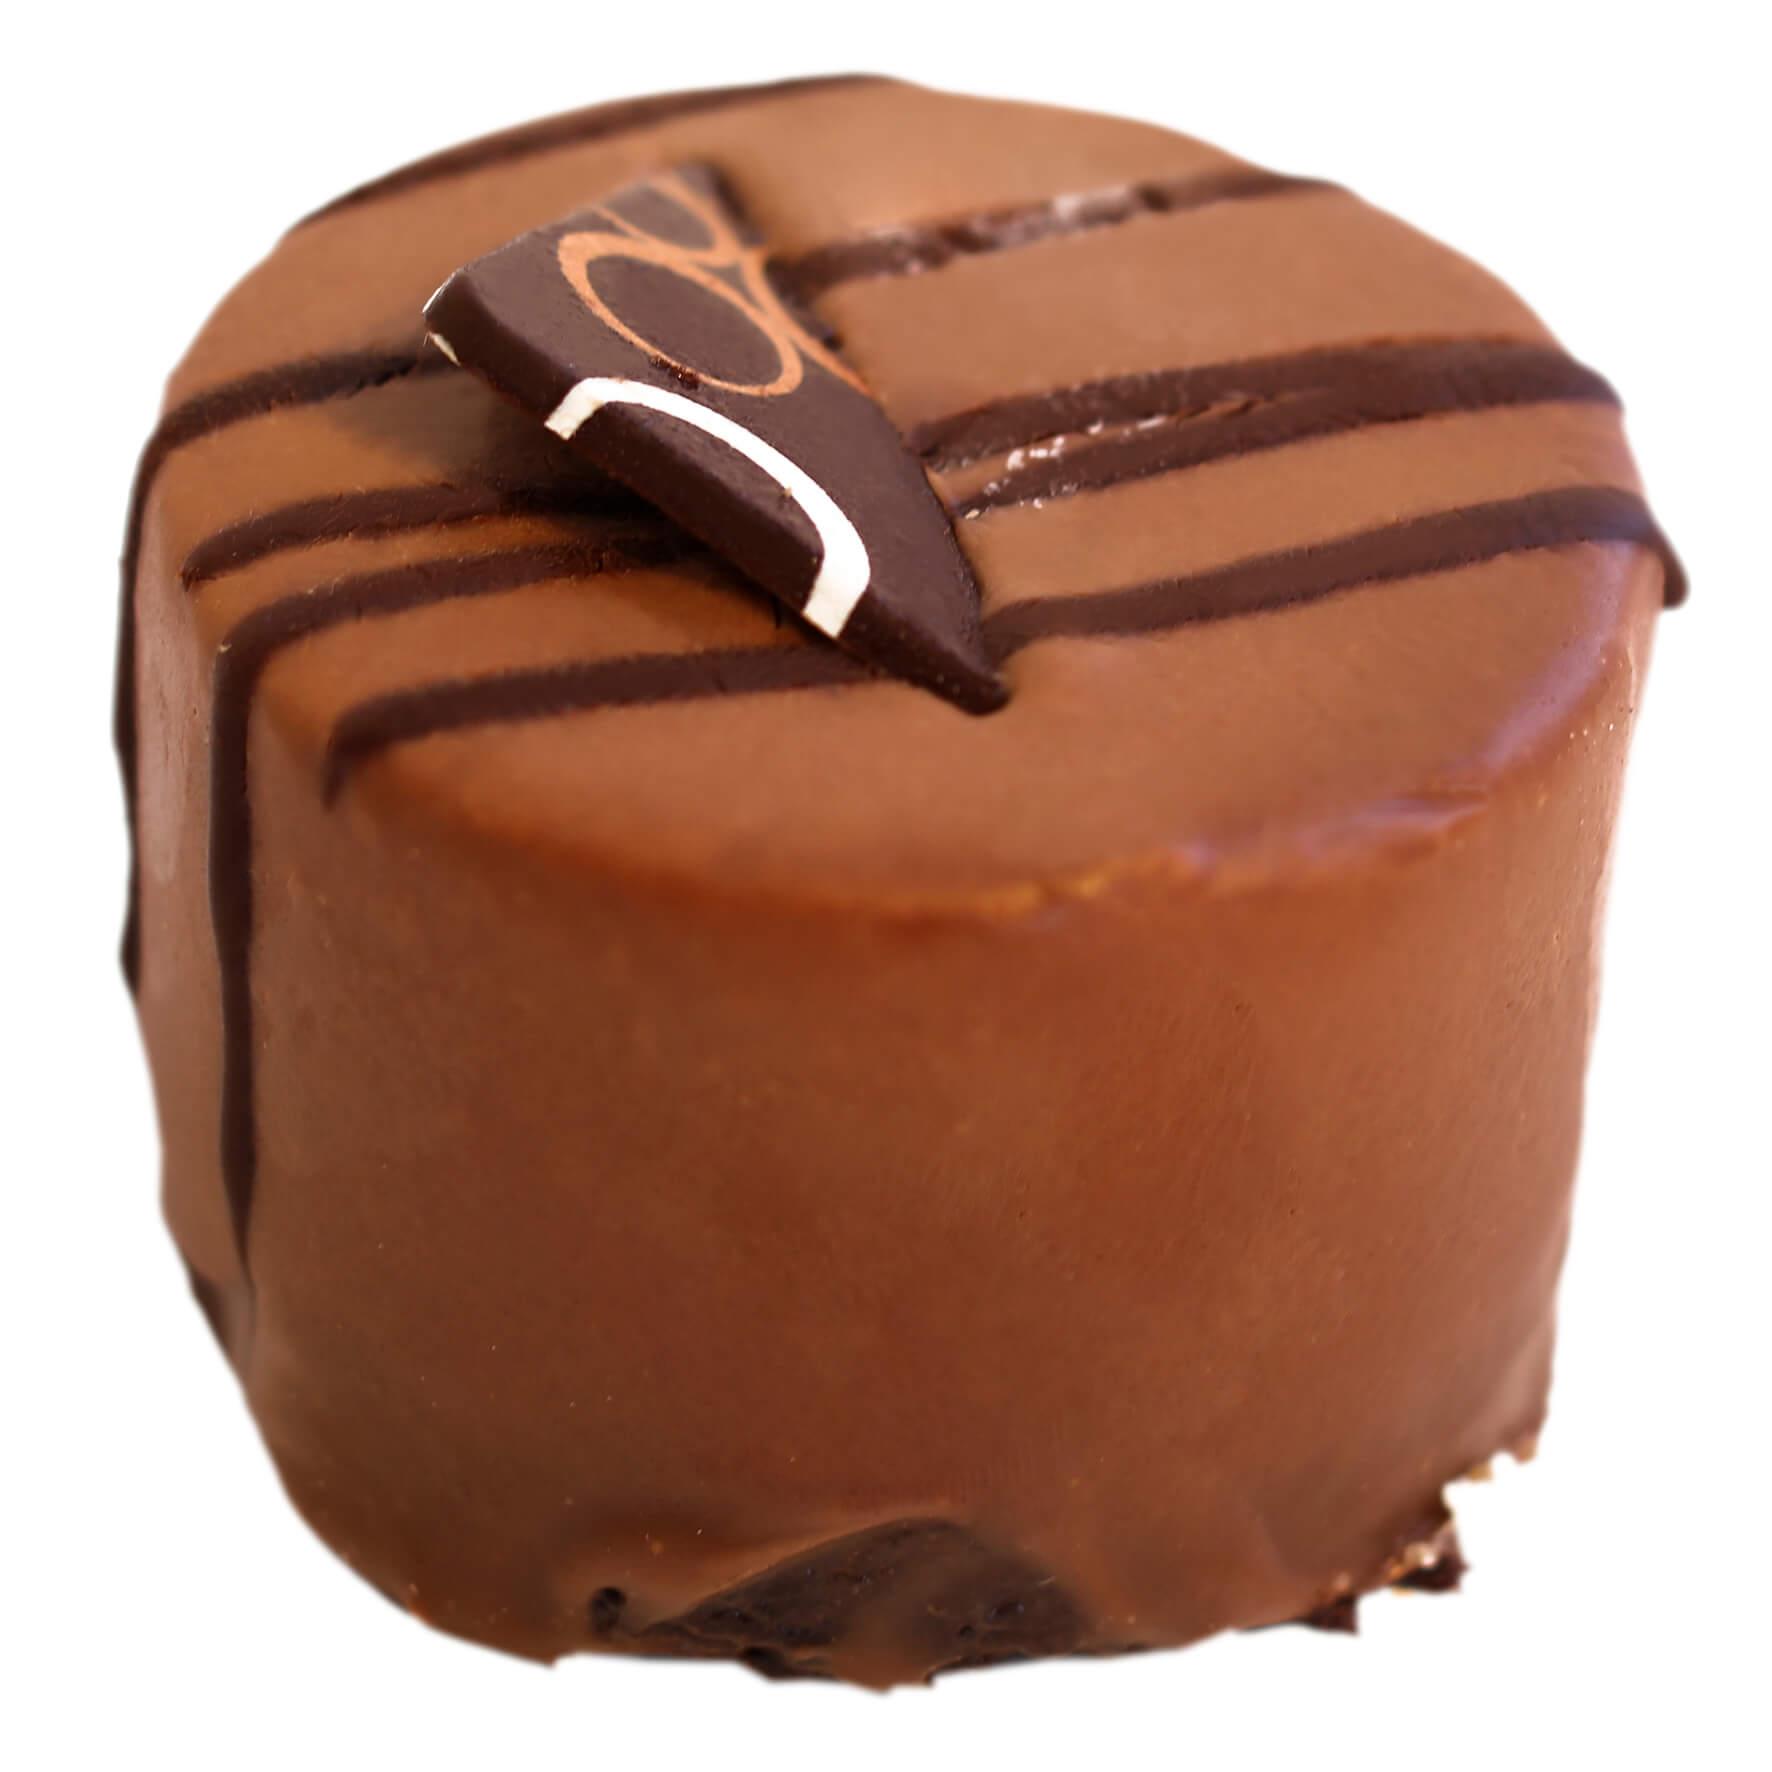 Schokoladentoertchen (einzelportion)